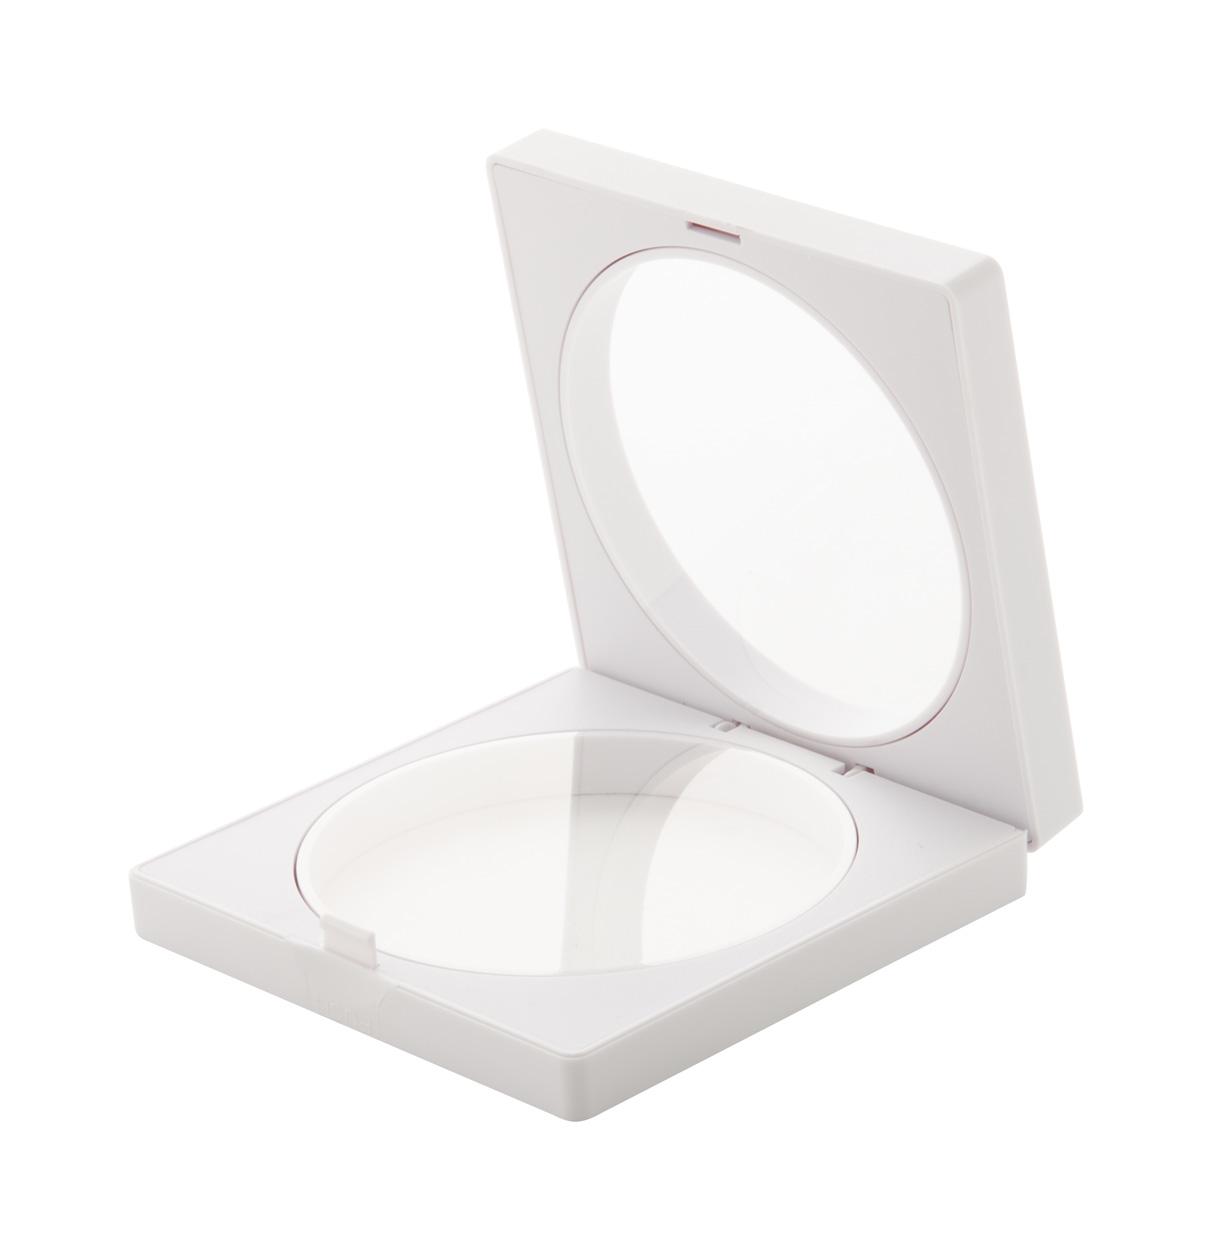 Kibal multipurpose box